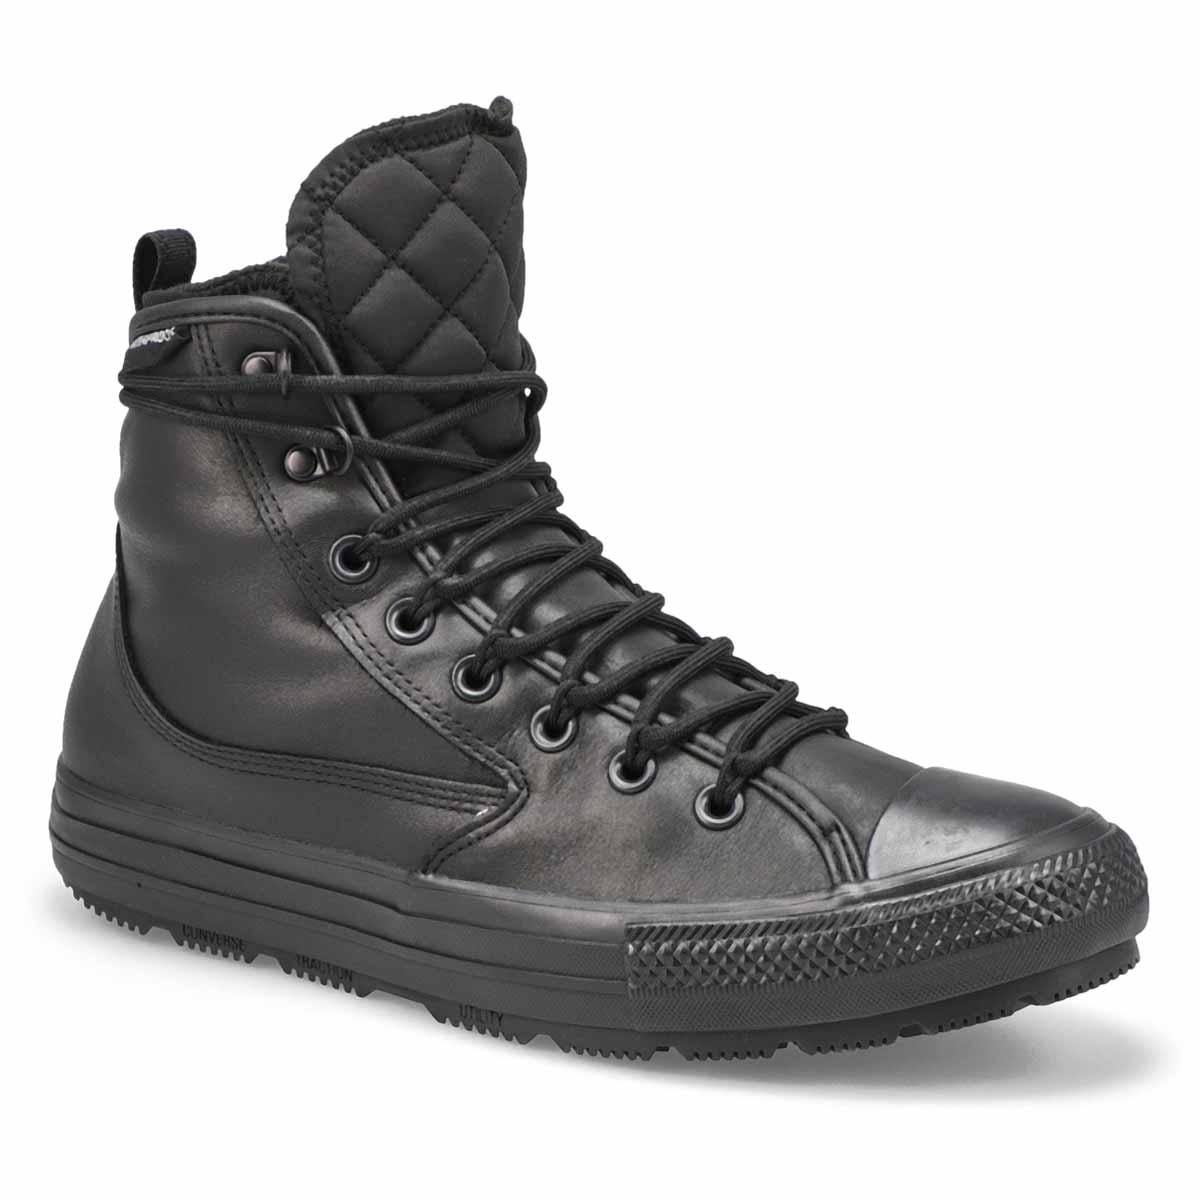 Mns CTAS All Terrain blk/egret wtpf boot